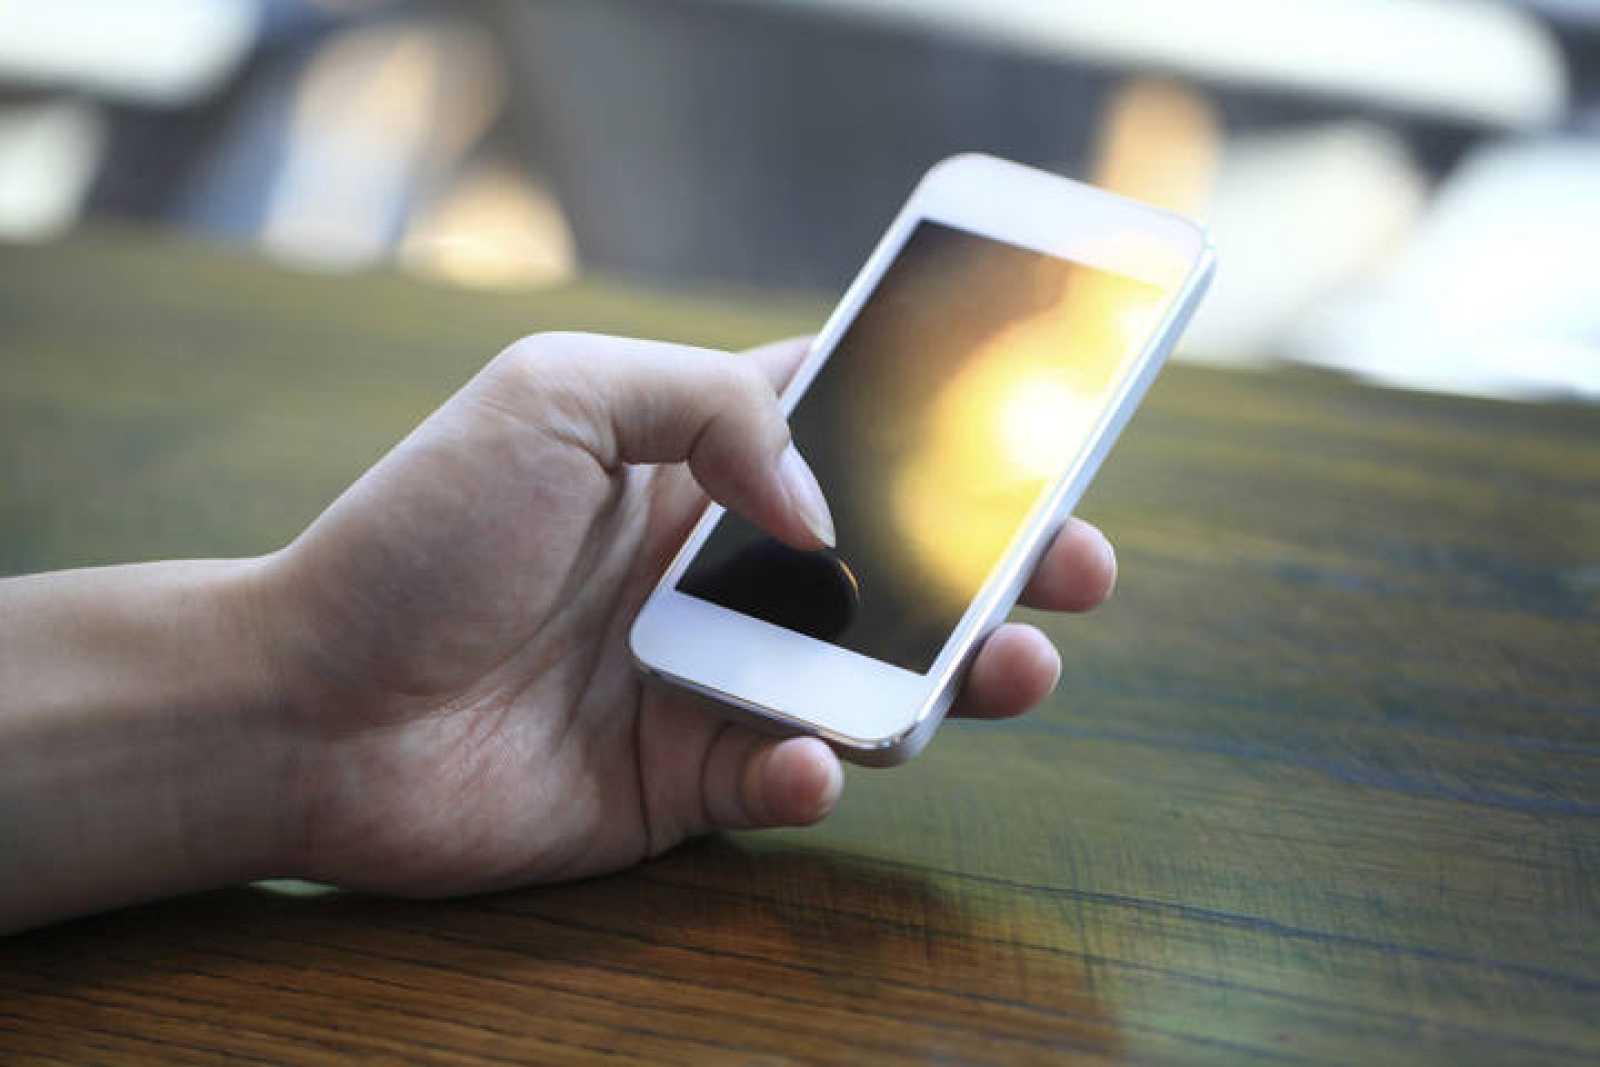 Un usuario con su teléfono móvil